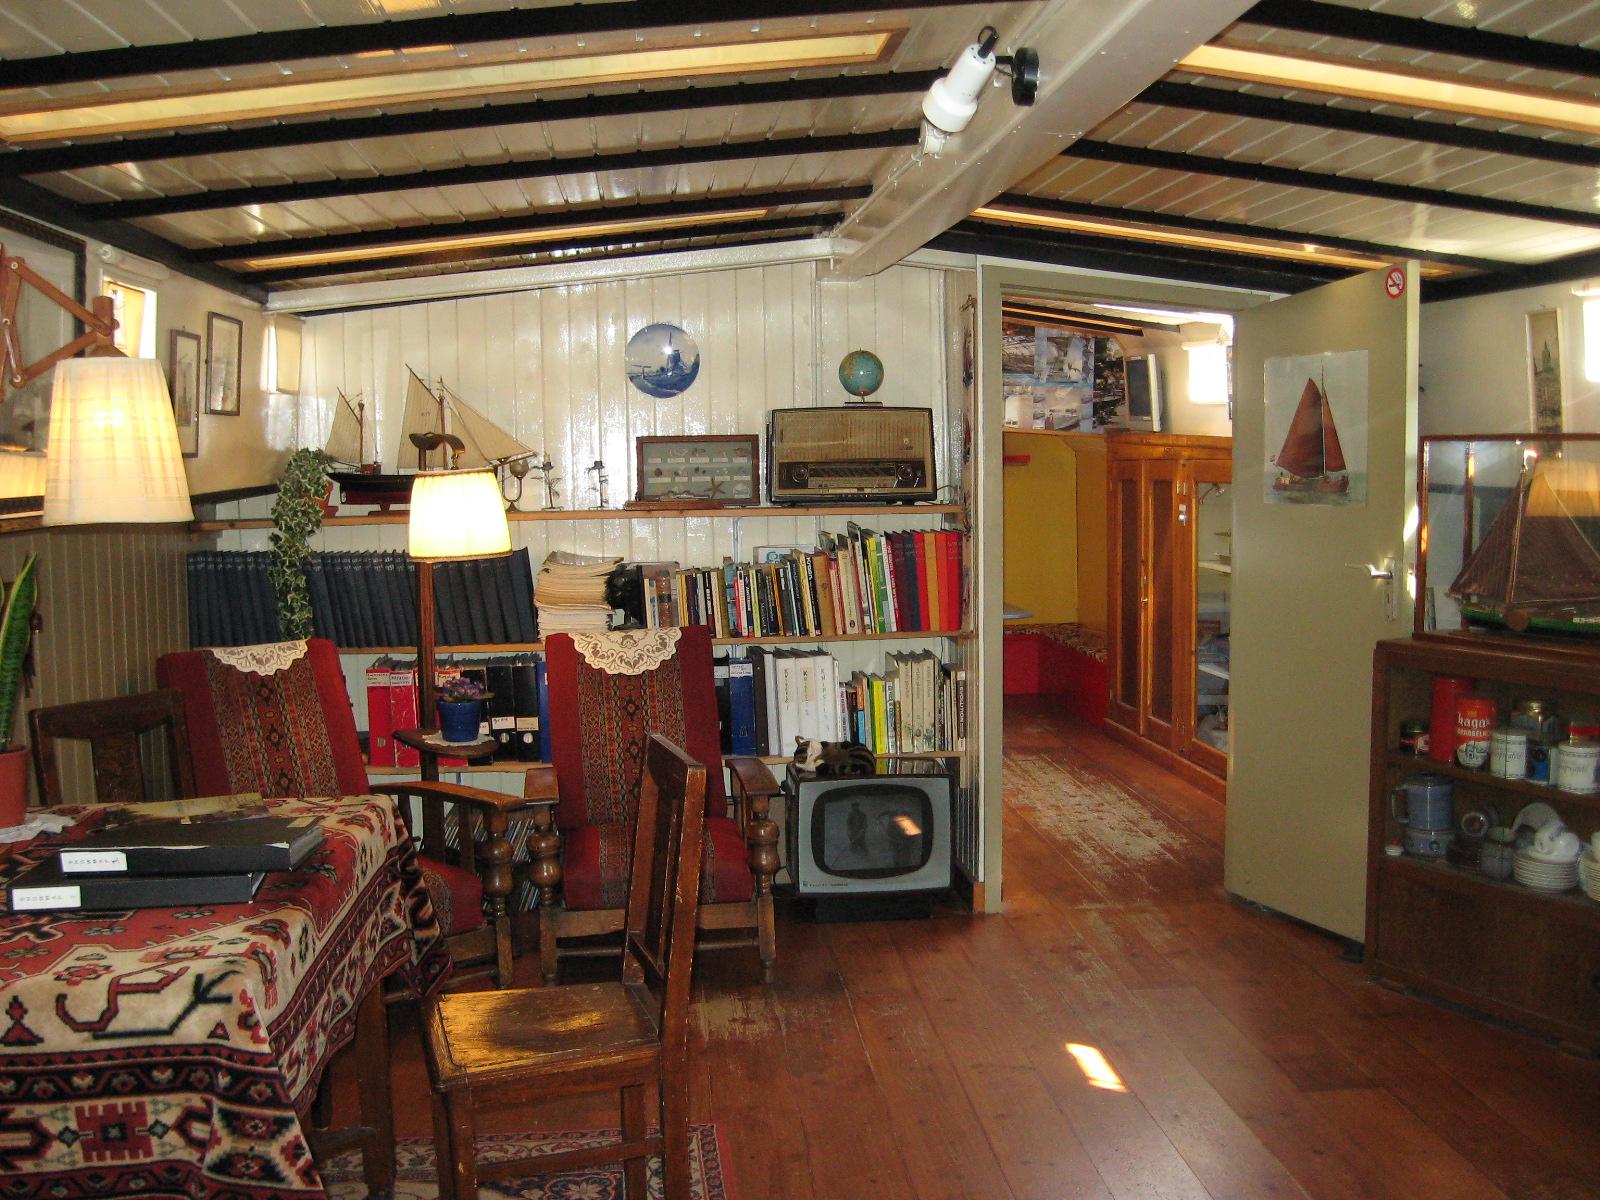 Casa sull 39 acqua houseboat museum turisti a ogni costo for Amsterdam case in vendita